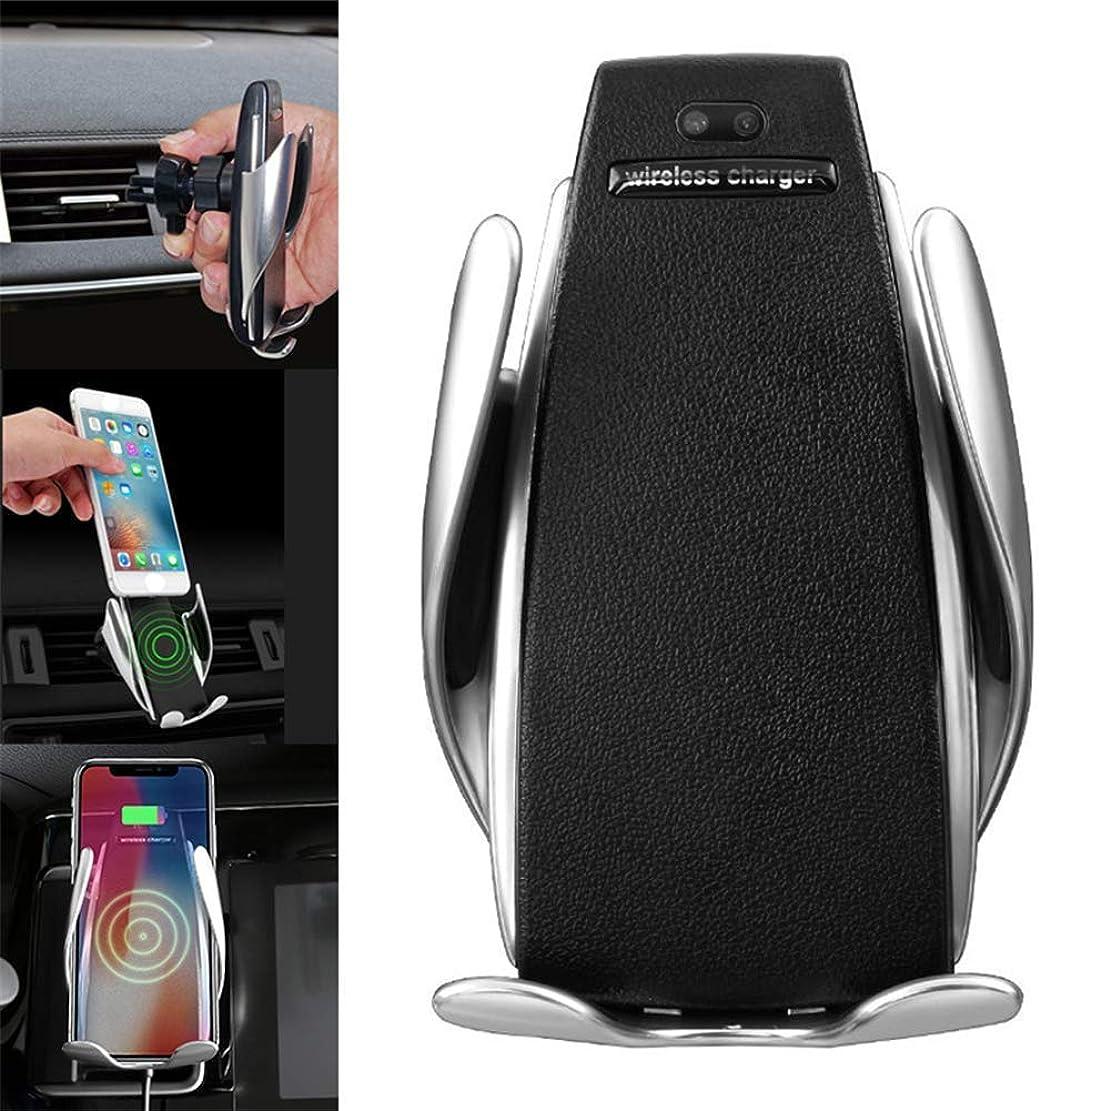 バッテリー桁確かな自動クランプワイヤレス車載充電器マウント - 車載充電器ホルダー iPhone XR XS Max X 8 8+用 10W 高速充電 Samsung All用 赤外線モーションセンサー 自動開閉 安全運転用クランプ